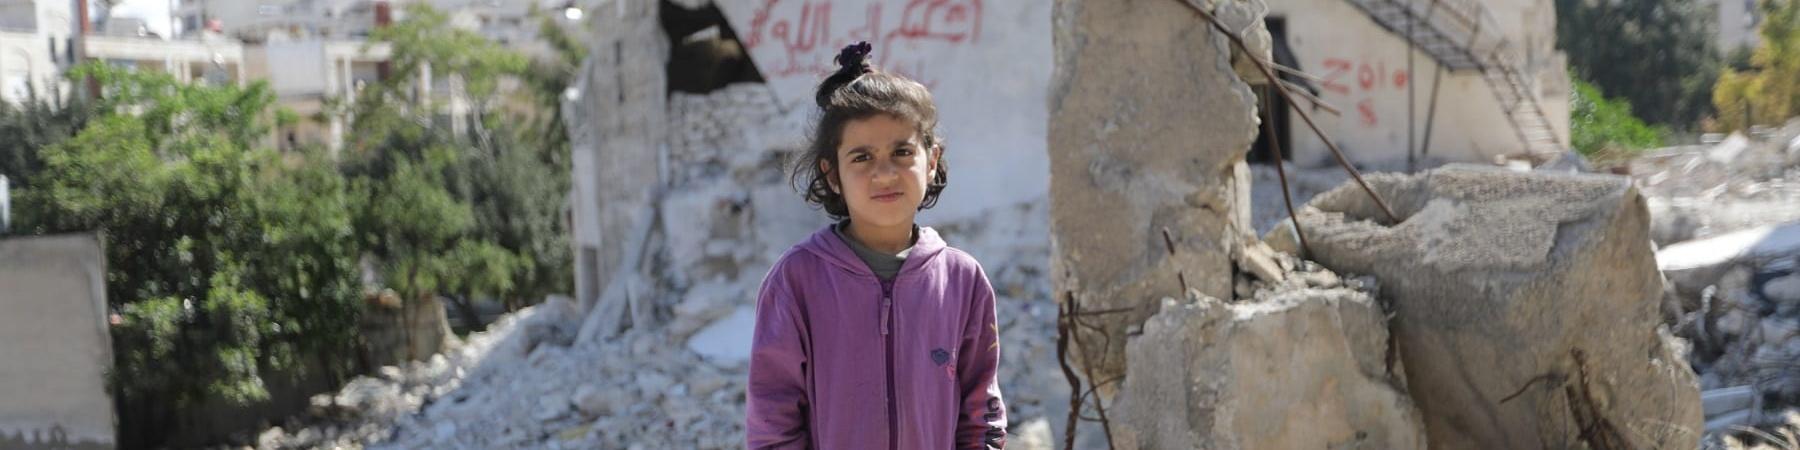 Bambina siriana in piedi tra le macerie. Indossa pantaloni neri e una felpa viola e tiene le mani nelle tasche